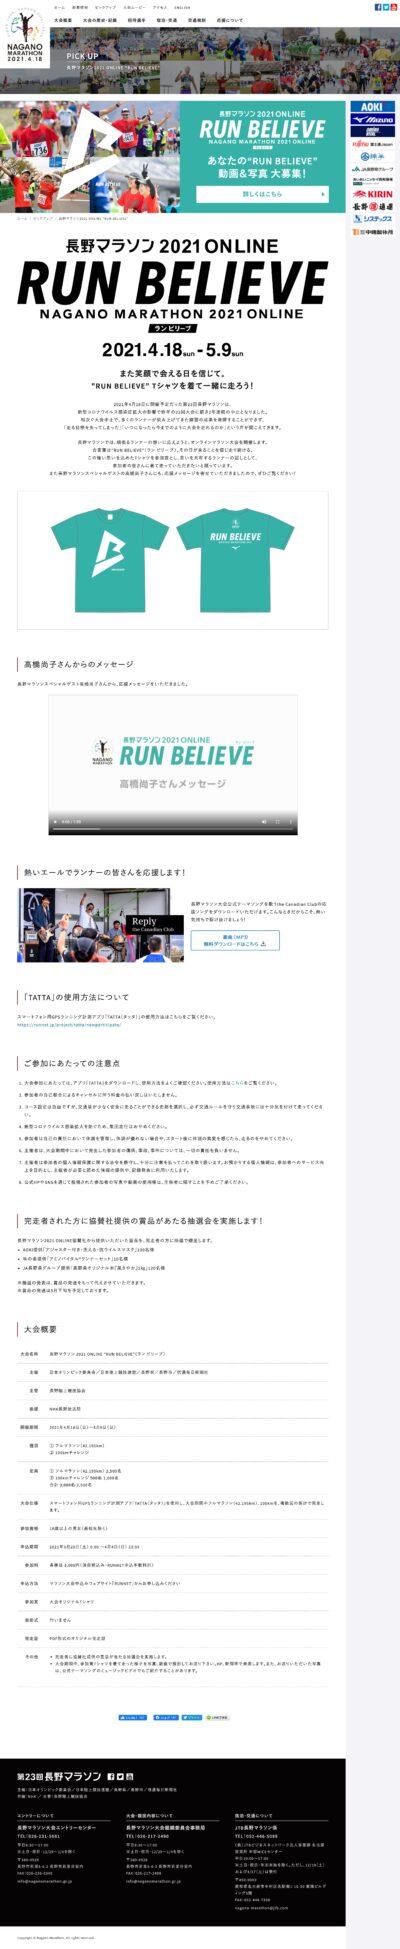 """長野マラソン2021 ONLINE """"RUN BELIEVE"""""""